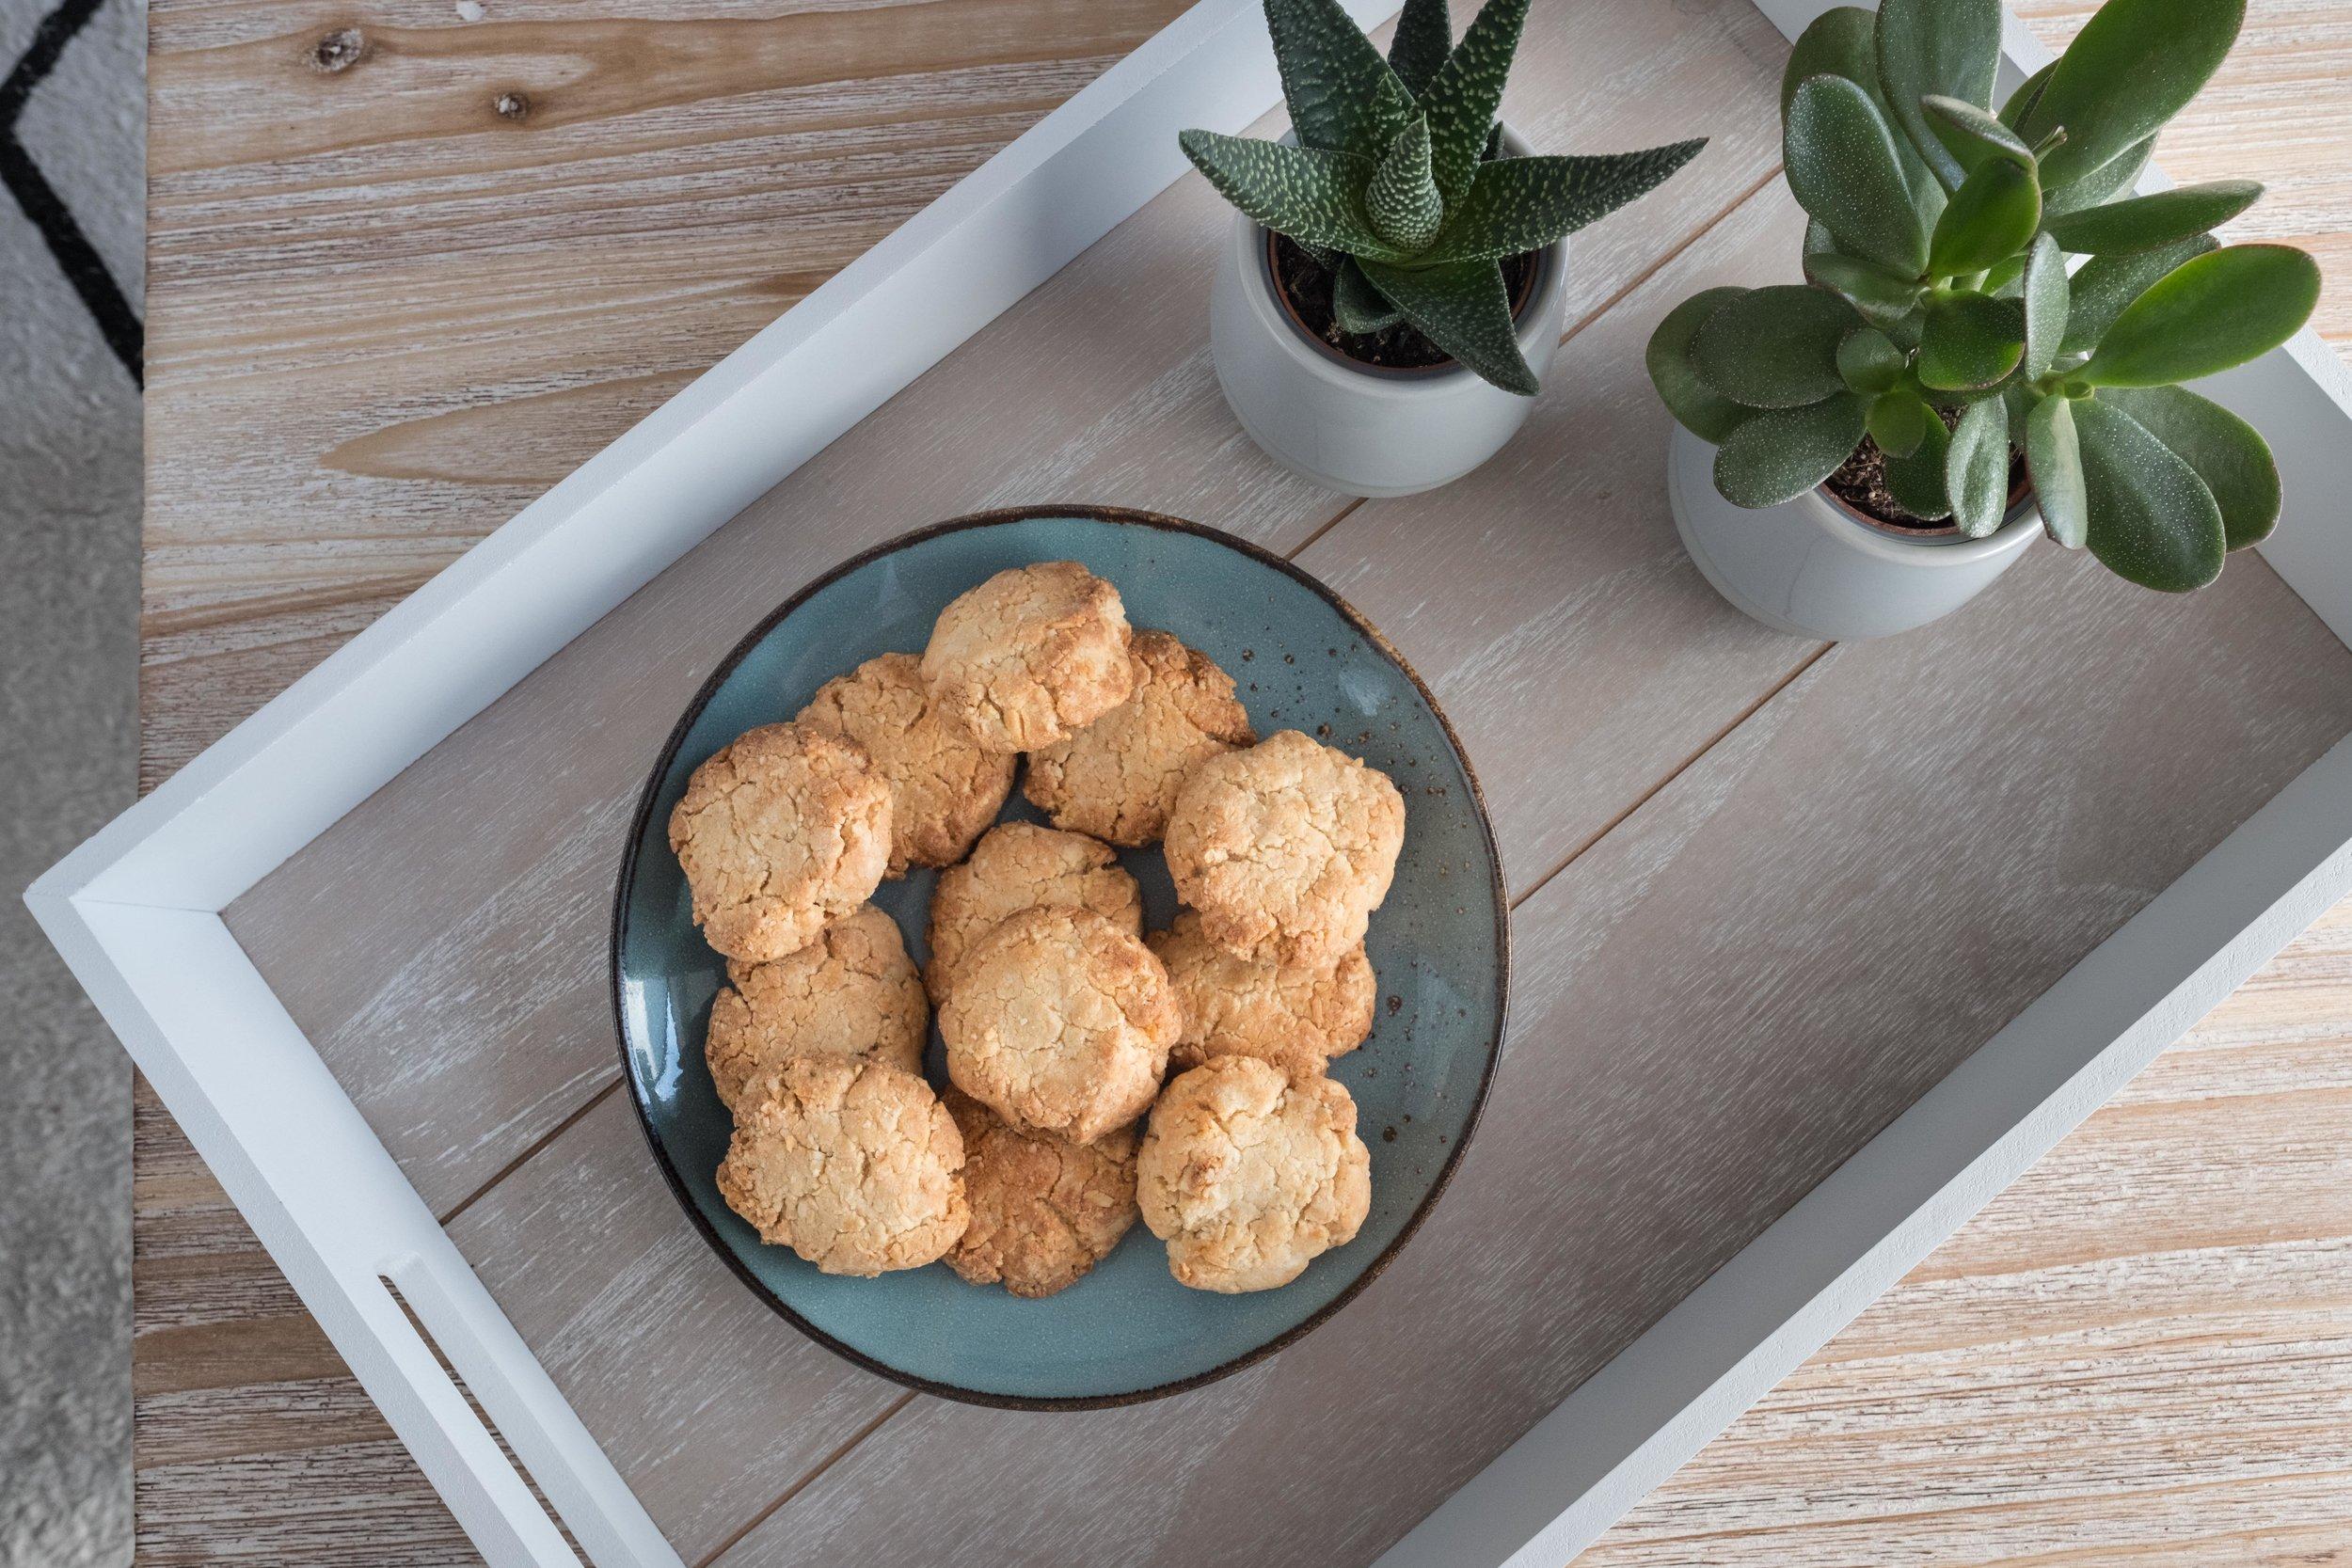 Biscuits Petite res.jpg